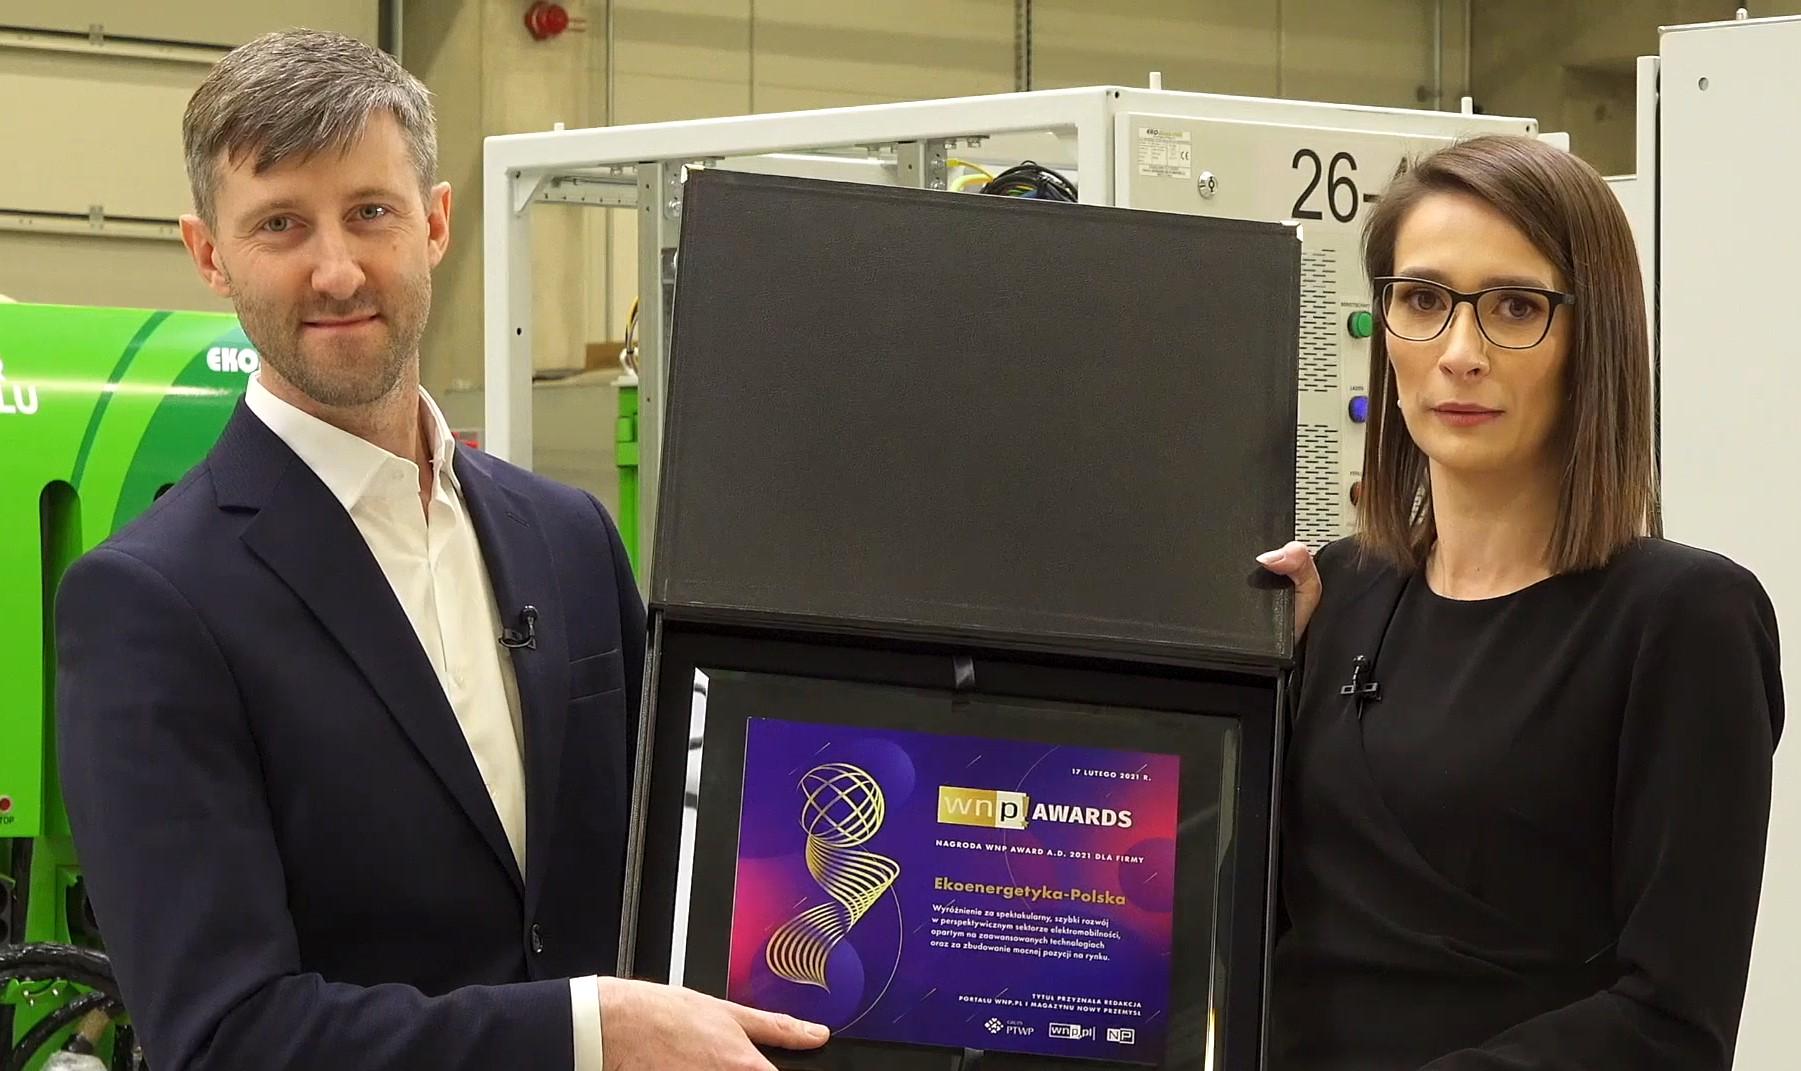 Nagrodę WNP Awards odebrałi: wiceprezes spółki Ekoenergetyka-Polska Maciej Wojeński oraz prezes firmy Dagmara Duda.